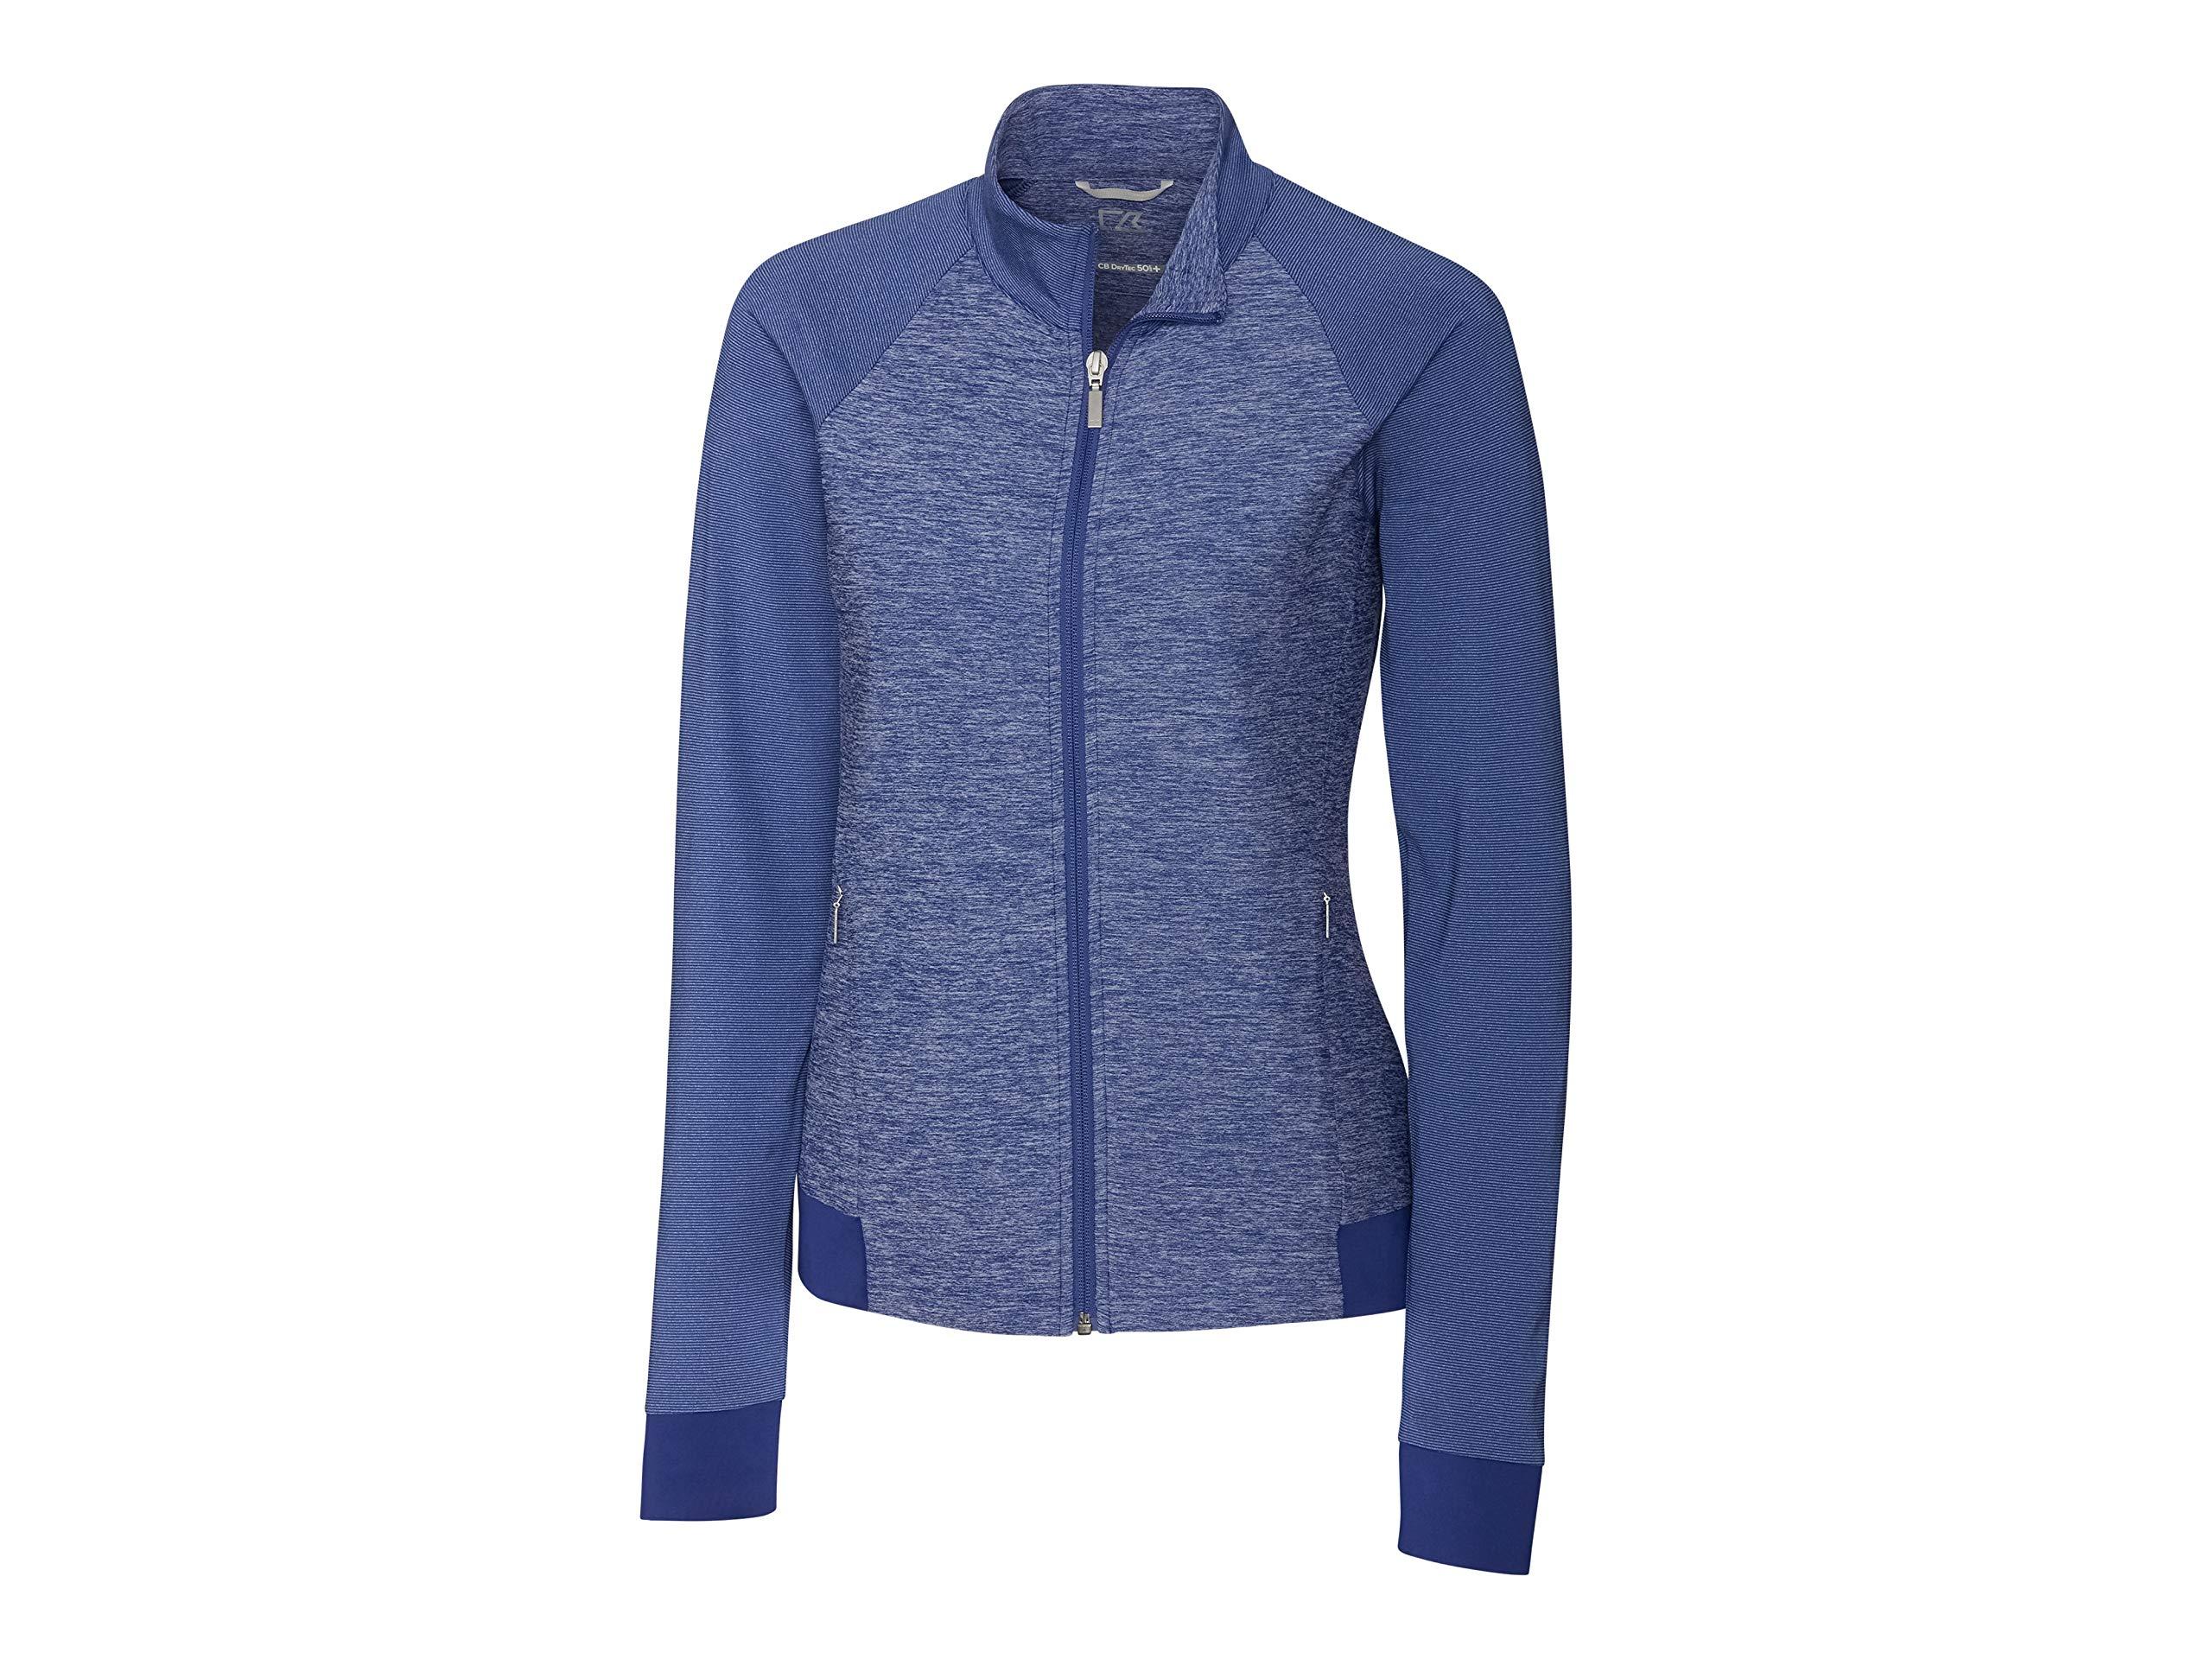 Cutter & Buck LCK08688 Women's L/S Lena Full Zip Jacket, Tour Blue - XS